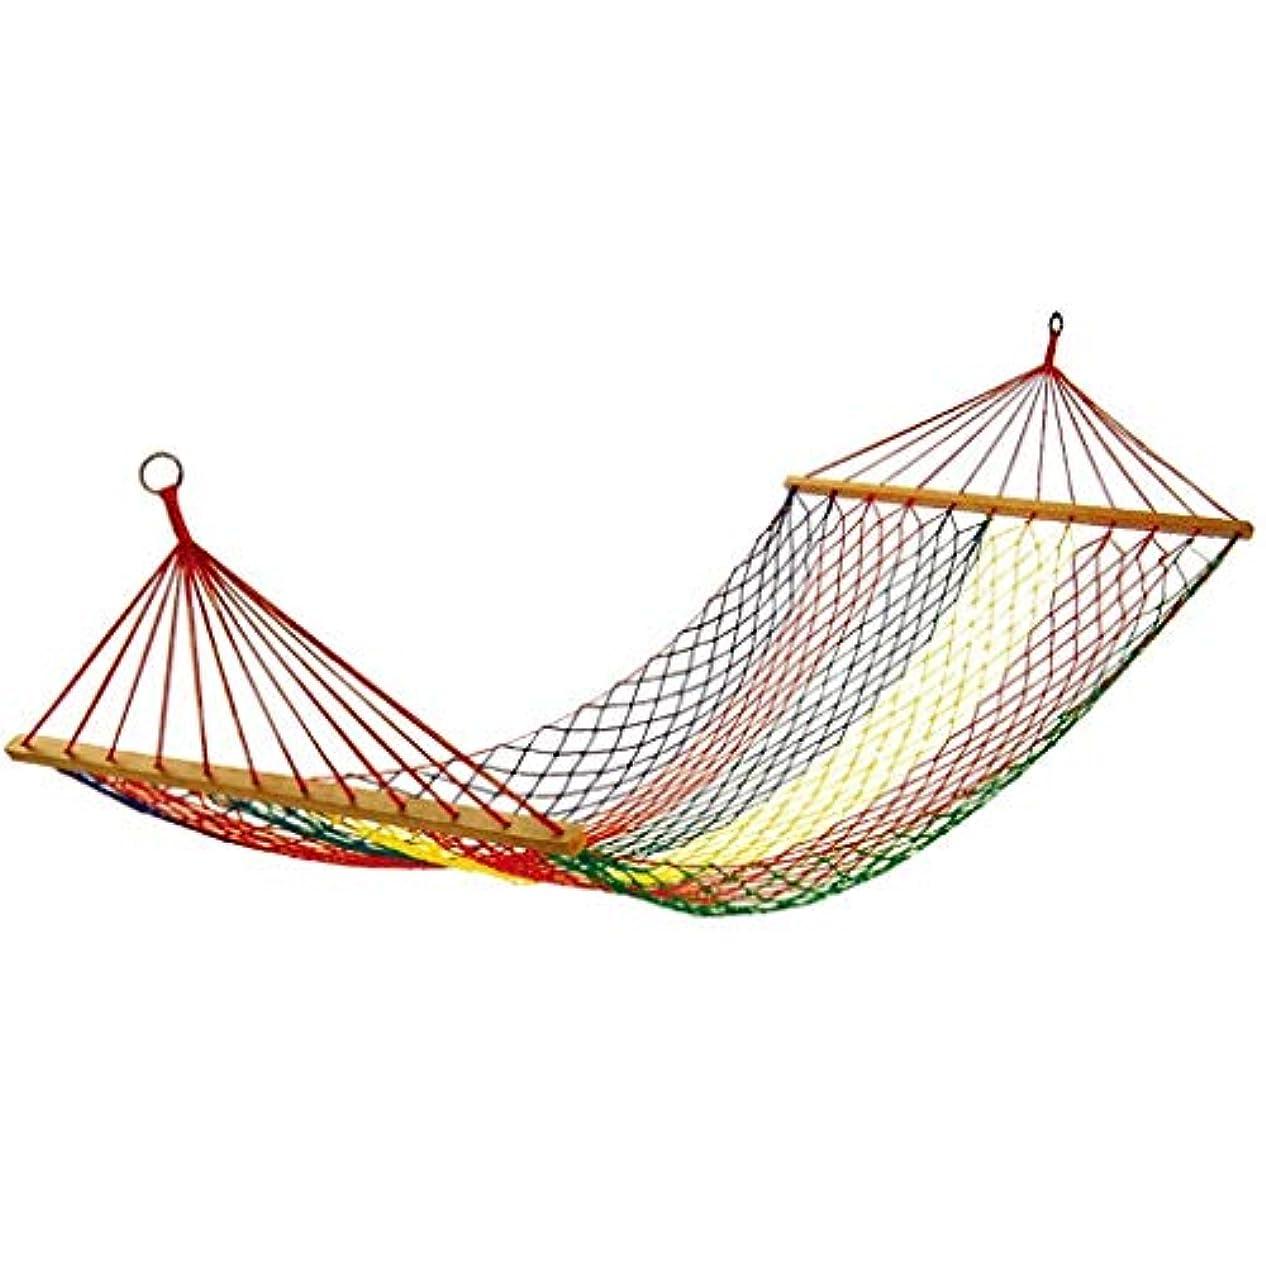 疎外評決素敵なRUIMA 最高の選択の製品編まれた綿ロープダブルハンモックw/ウッドスプレッダーとキャリングケース